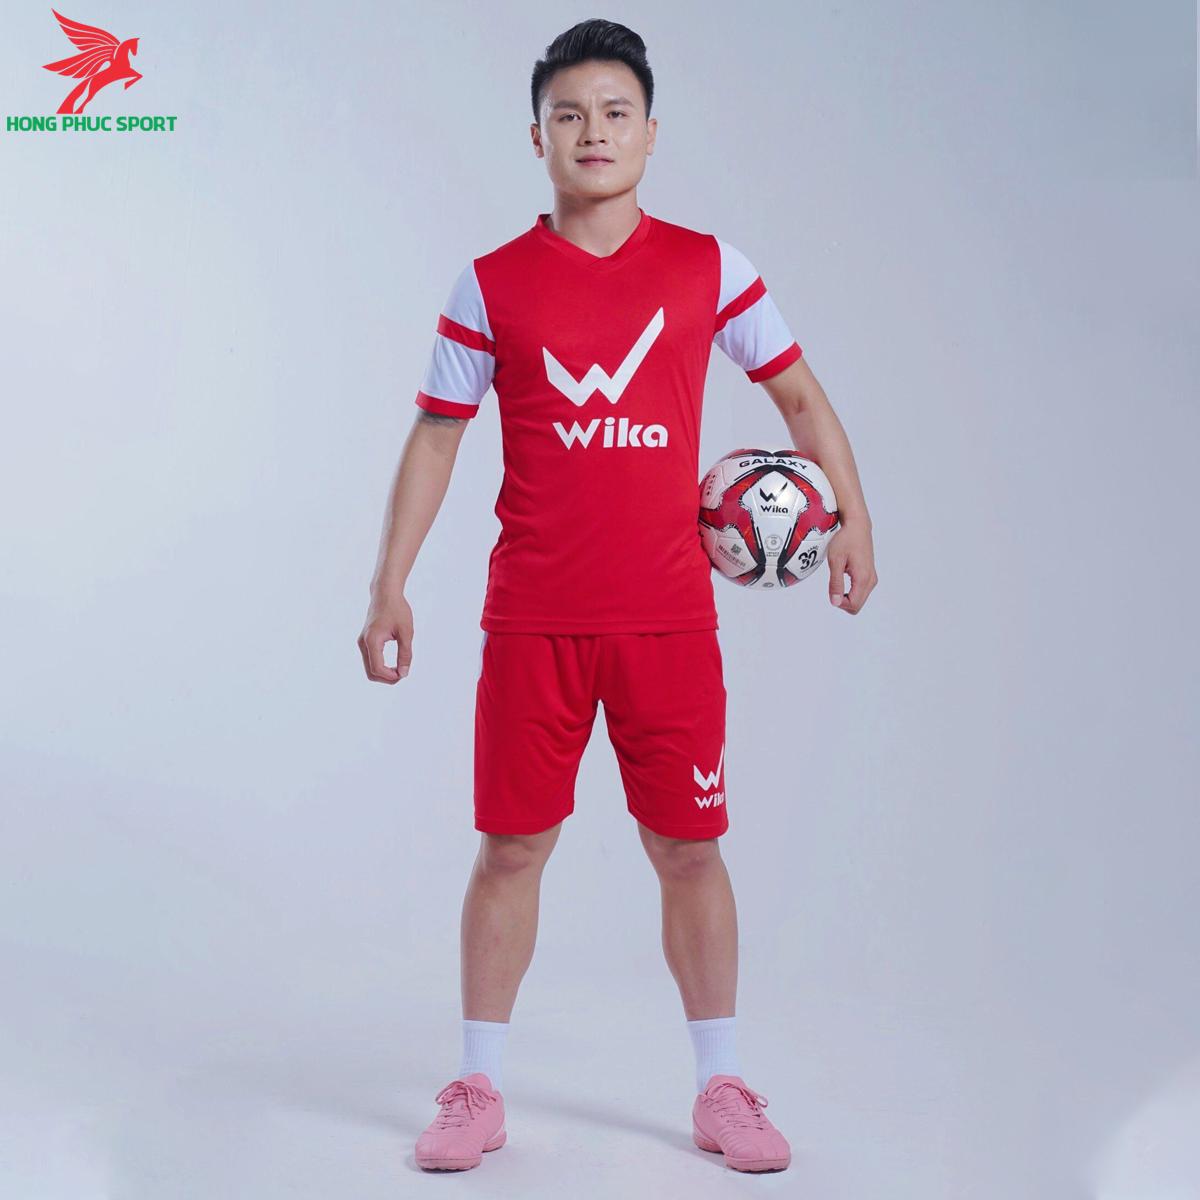 https://cdn.hongphucsport.com/unsafe/s4.shopbay.vn/files/285/giay-da-bong-wika-qh19-neo-mau-hong-6-605866f9188de.png